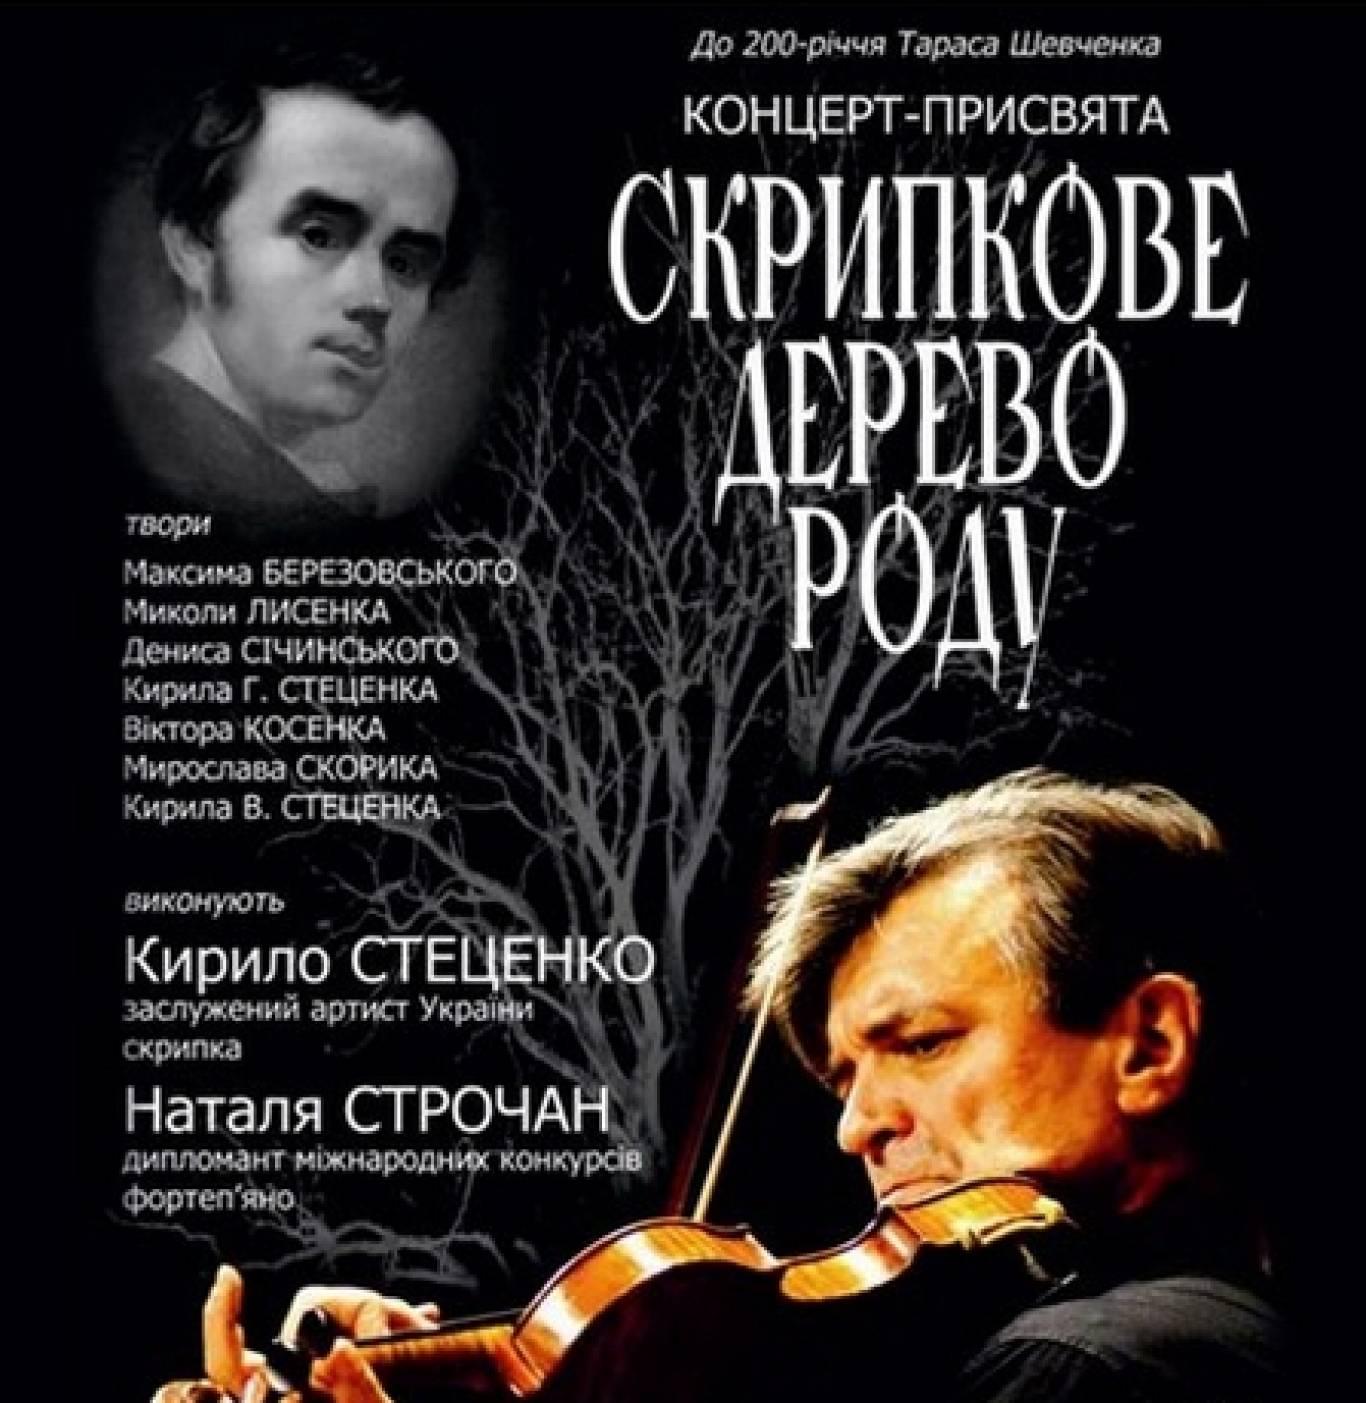 Концертна програма «Скрипкове дерево роду»